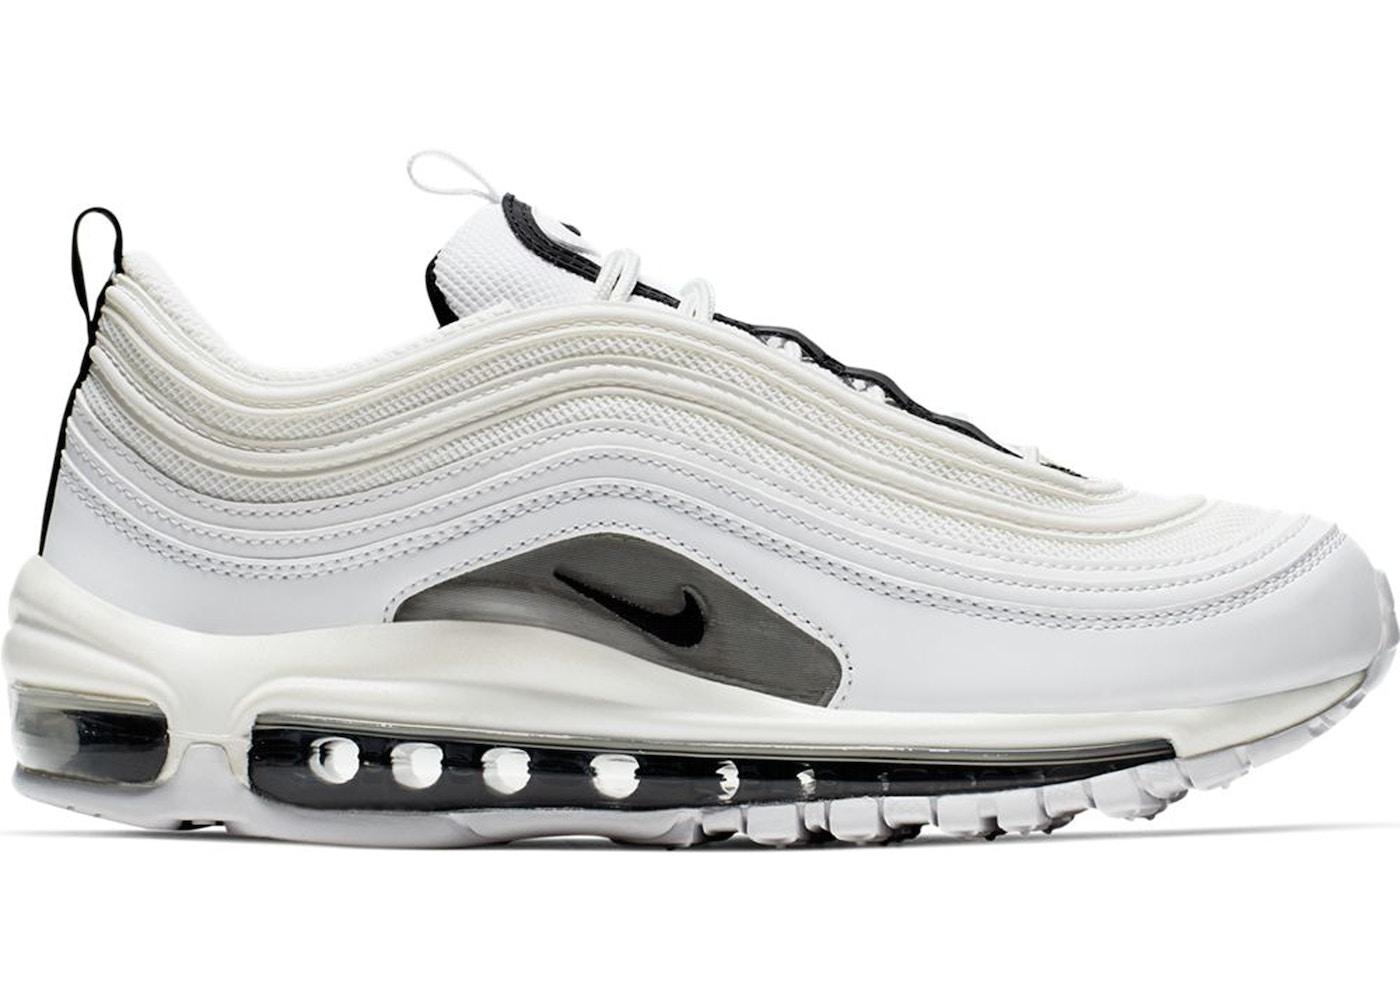 Nike Air Max 97 White Black Silver (W)